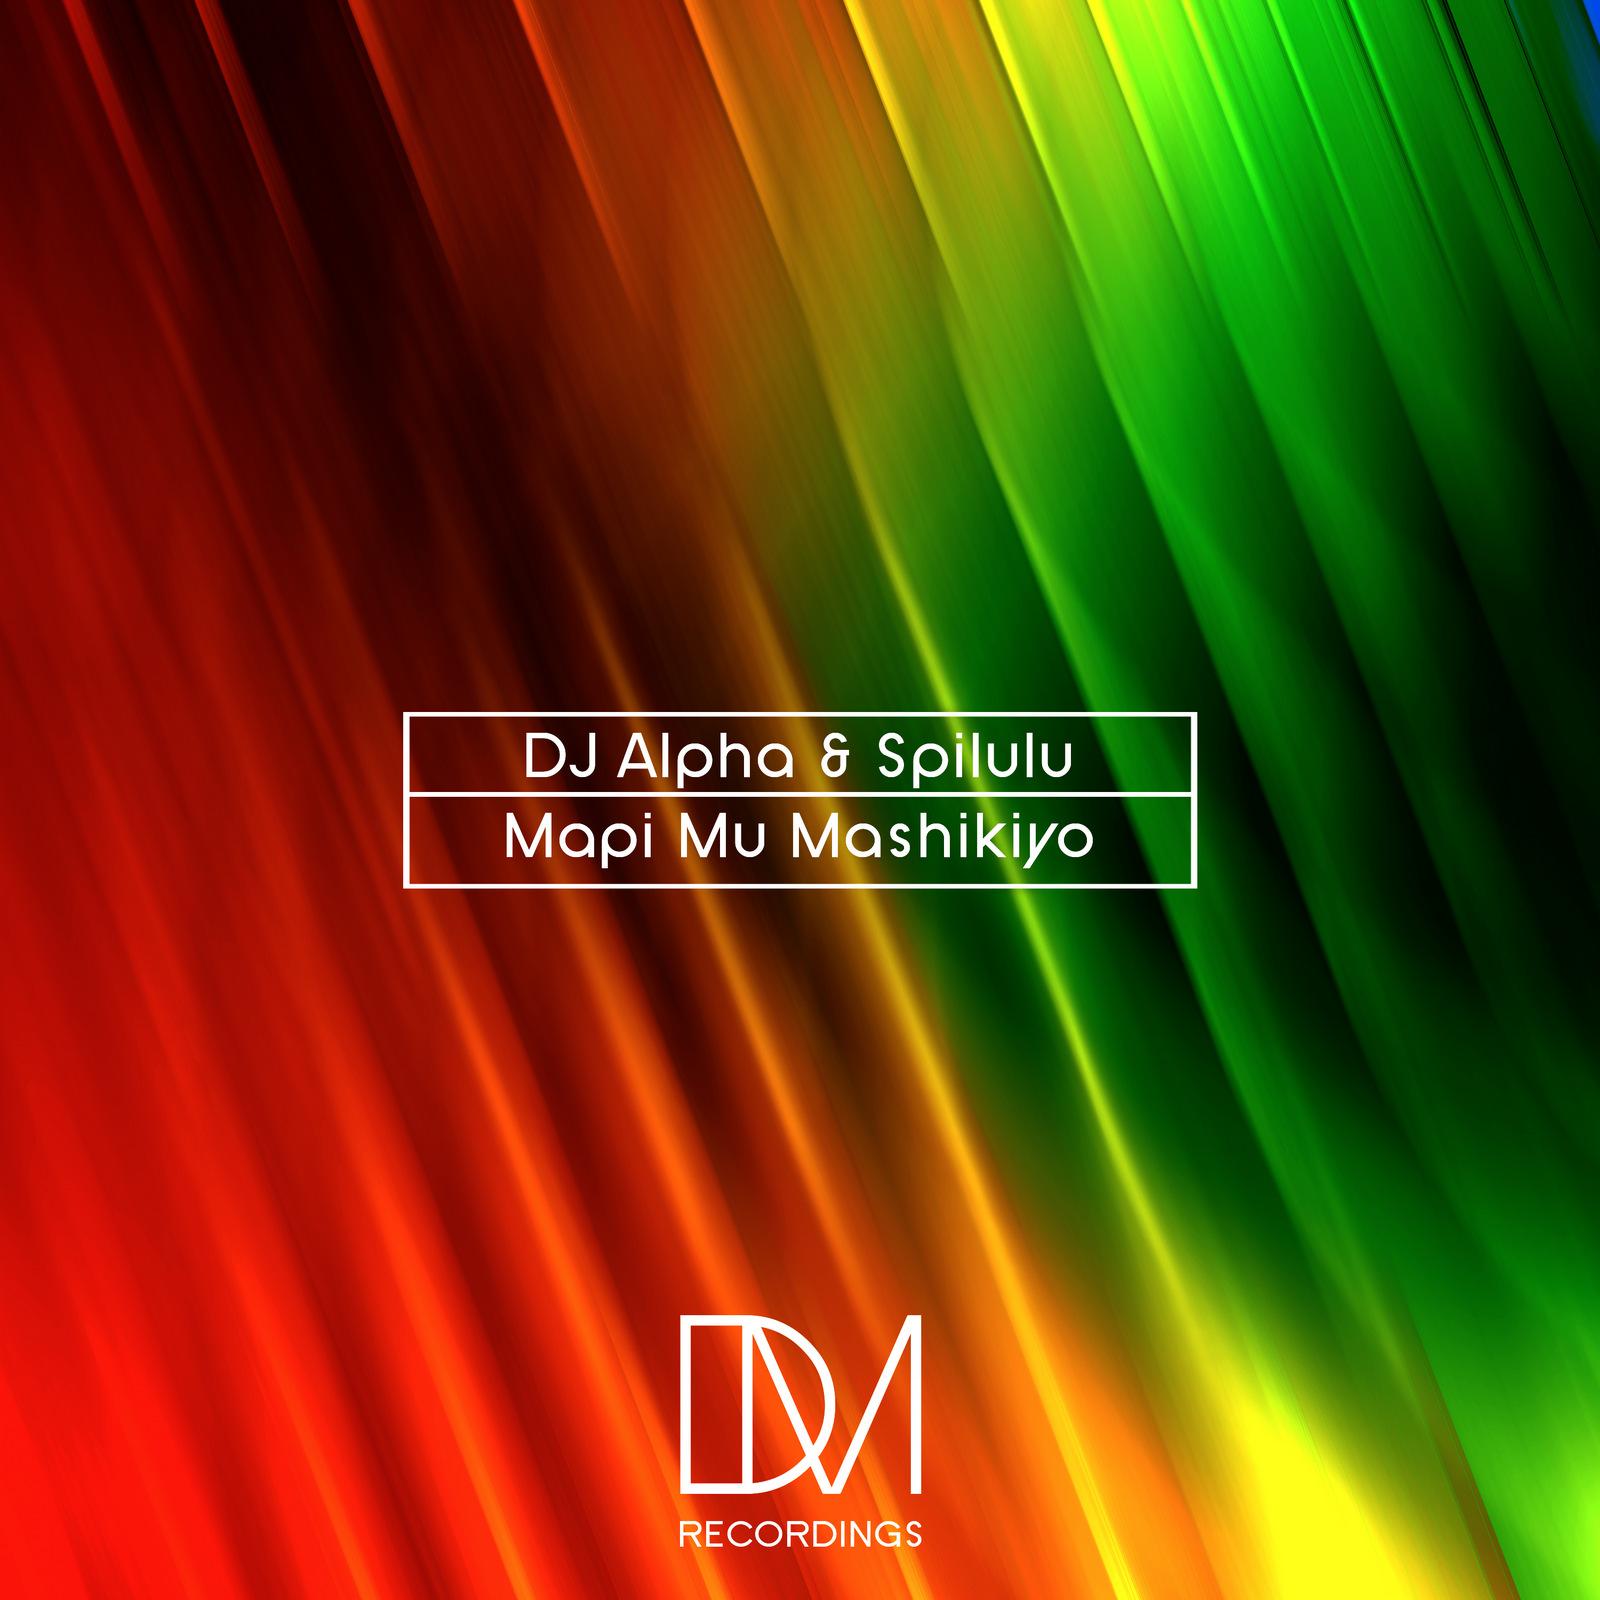 DJ Alpha & Spilulu – Mapi Mu Mashikiyo